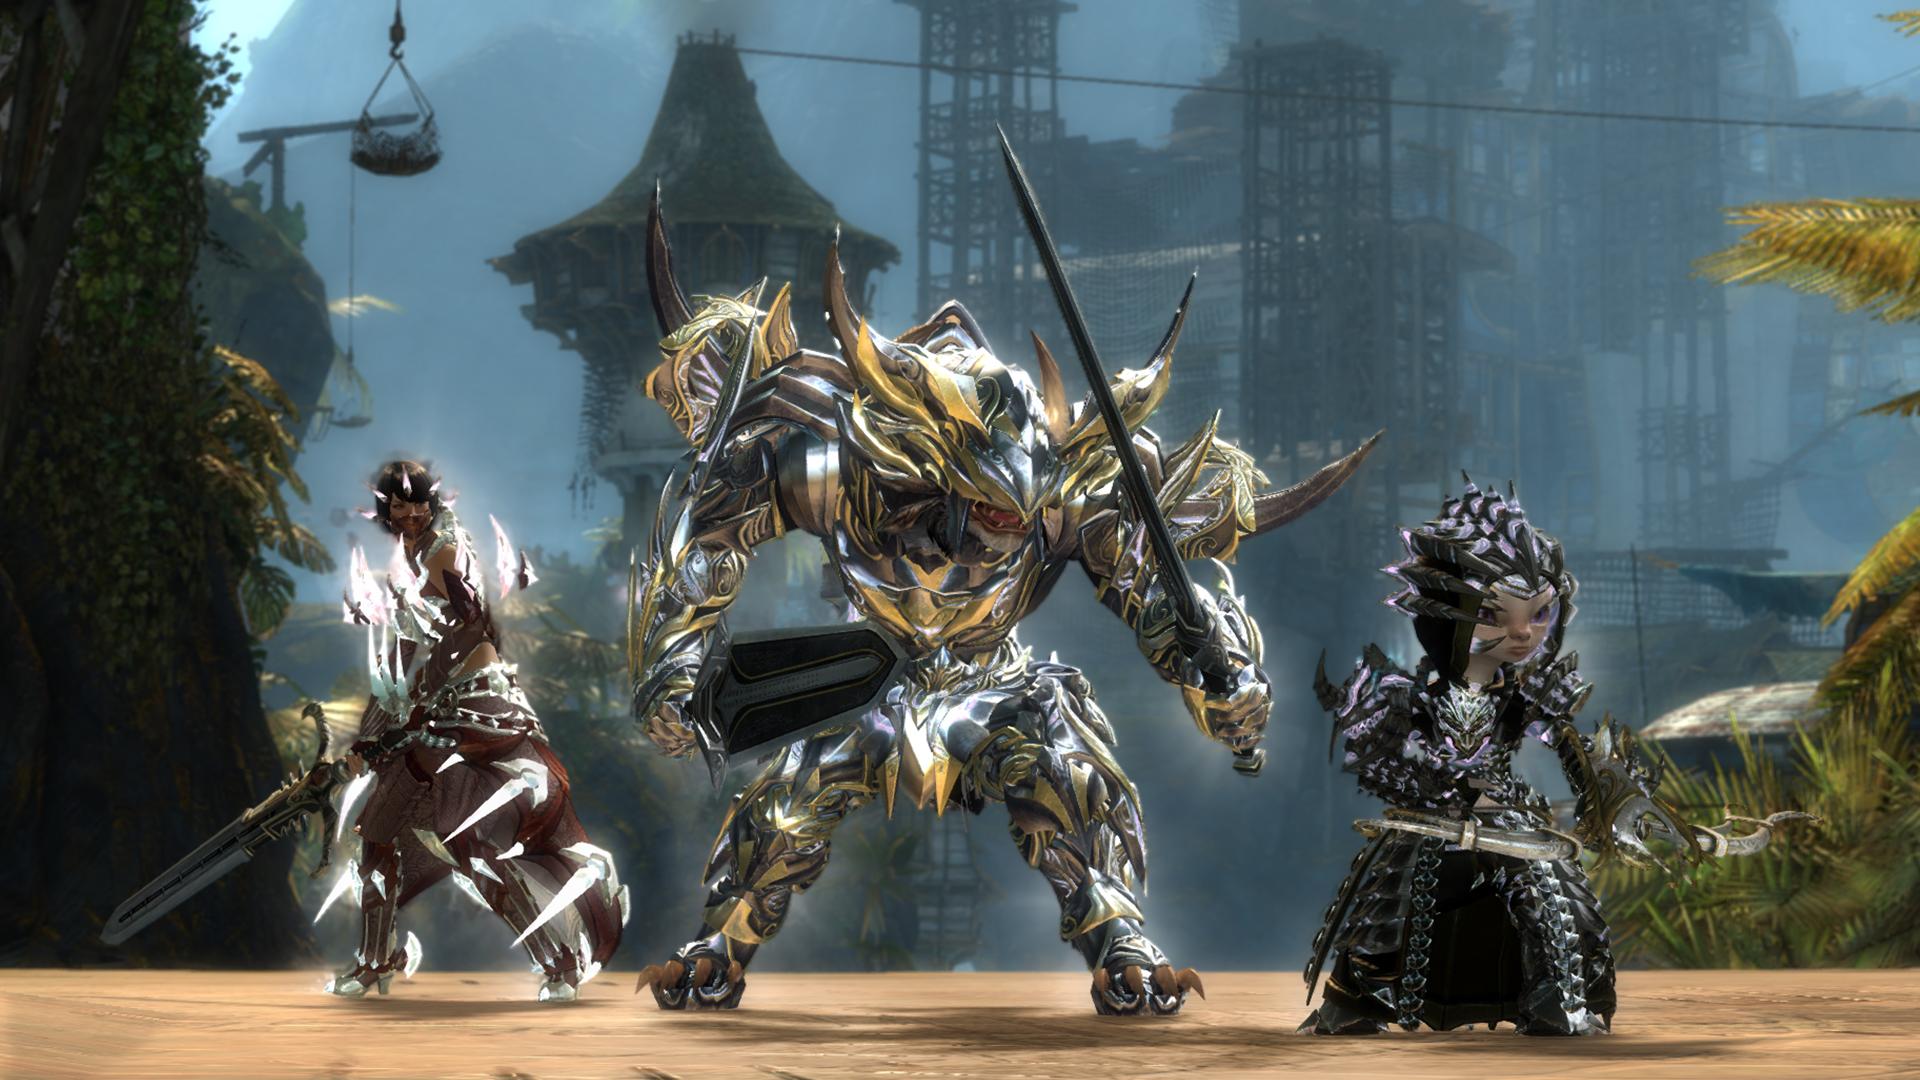 gw2 legendary armor coming